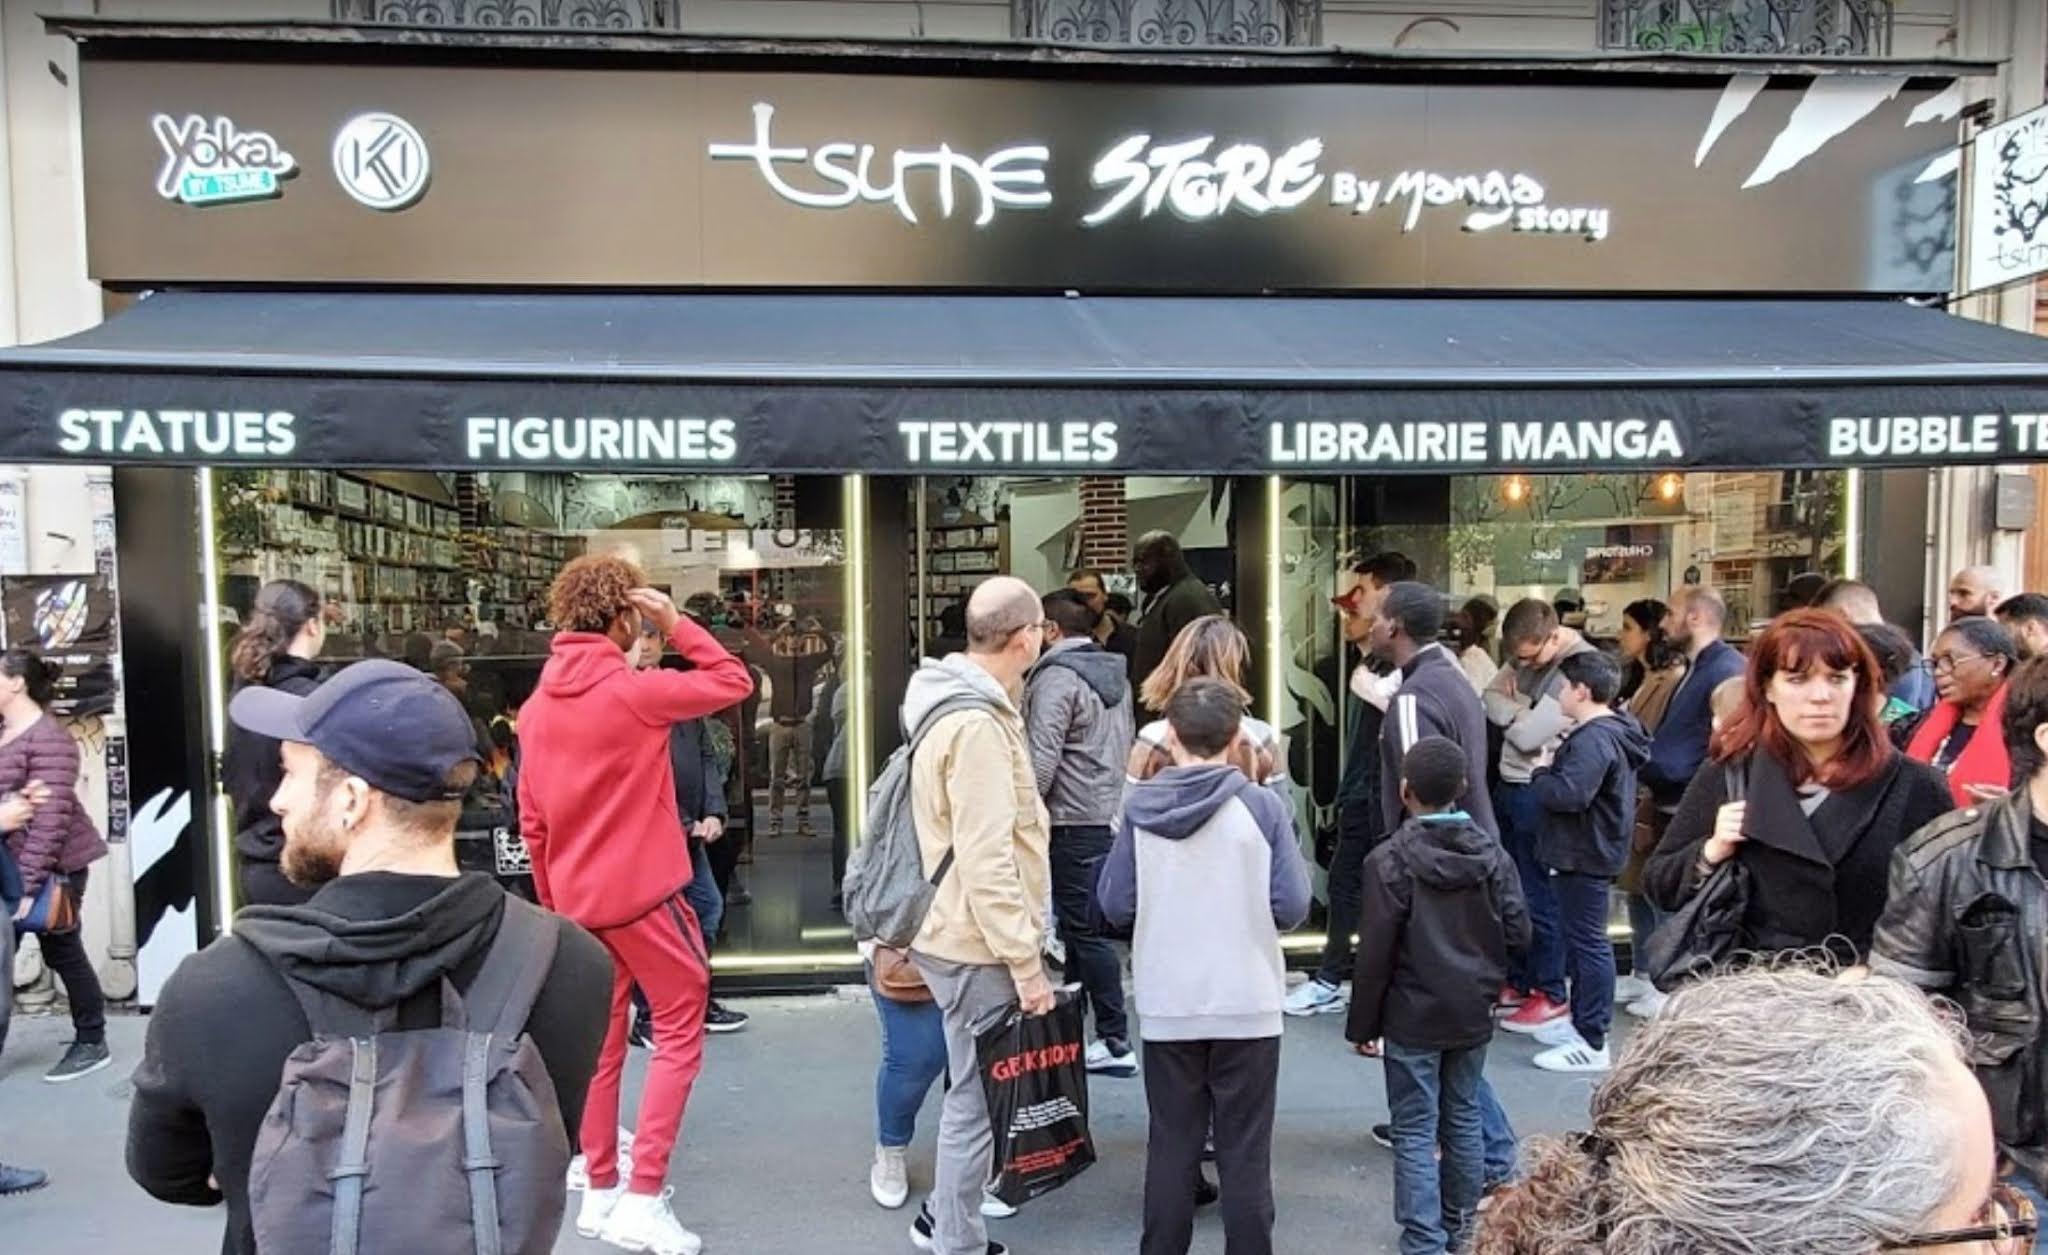 Tsume Store París